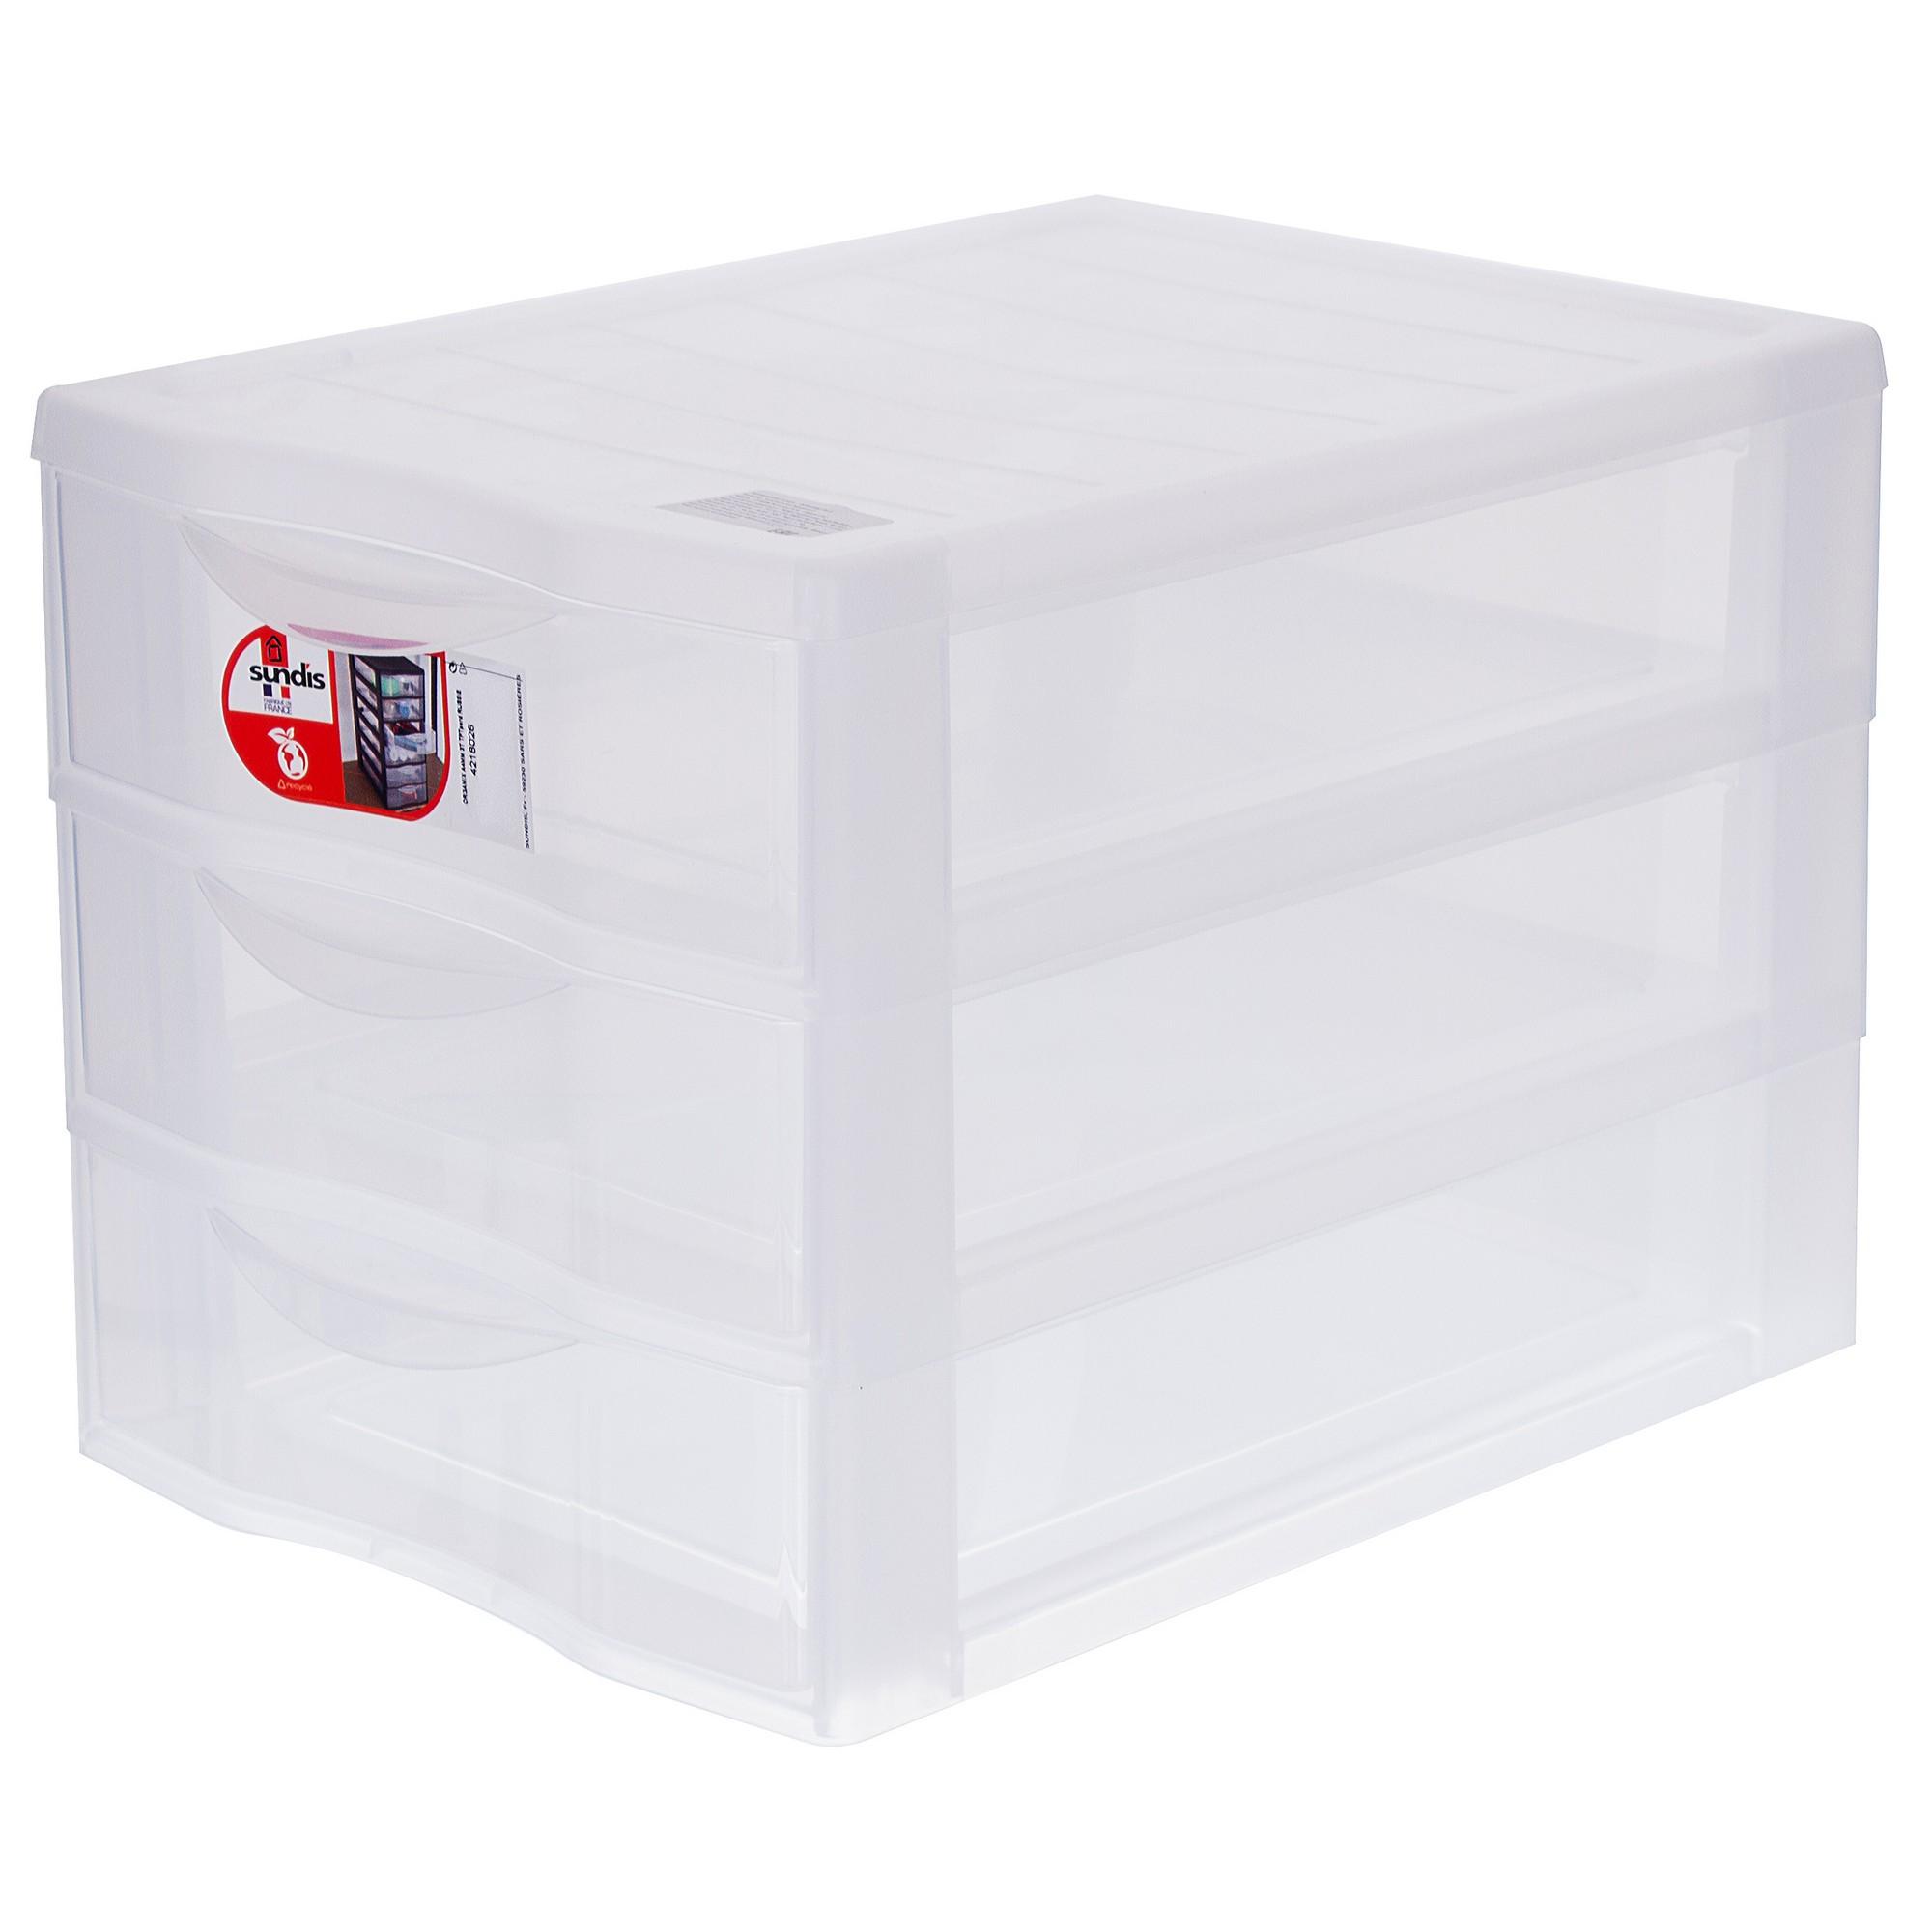 Органайзер Sundis А4, 3 выдвижных ящика, пластик цвет прозрачный